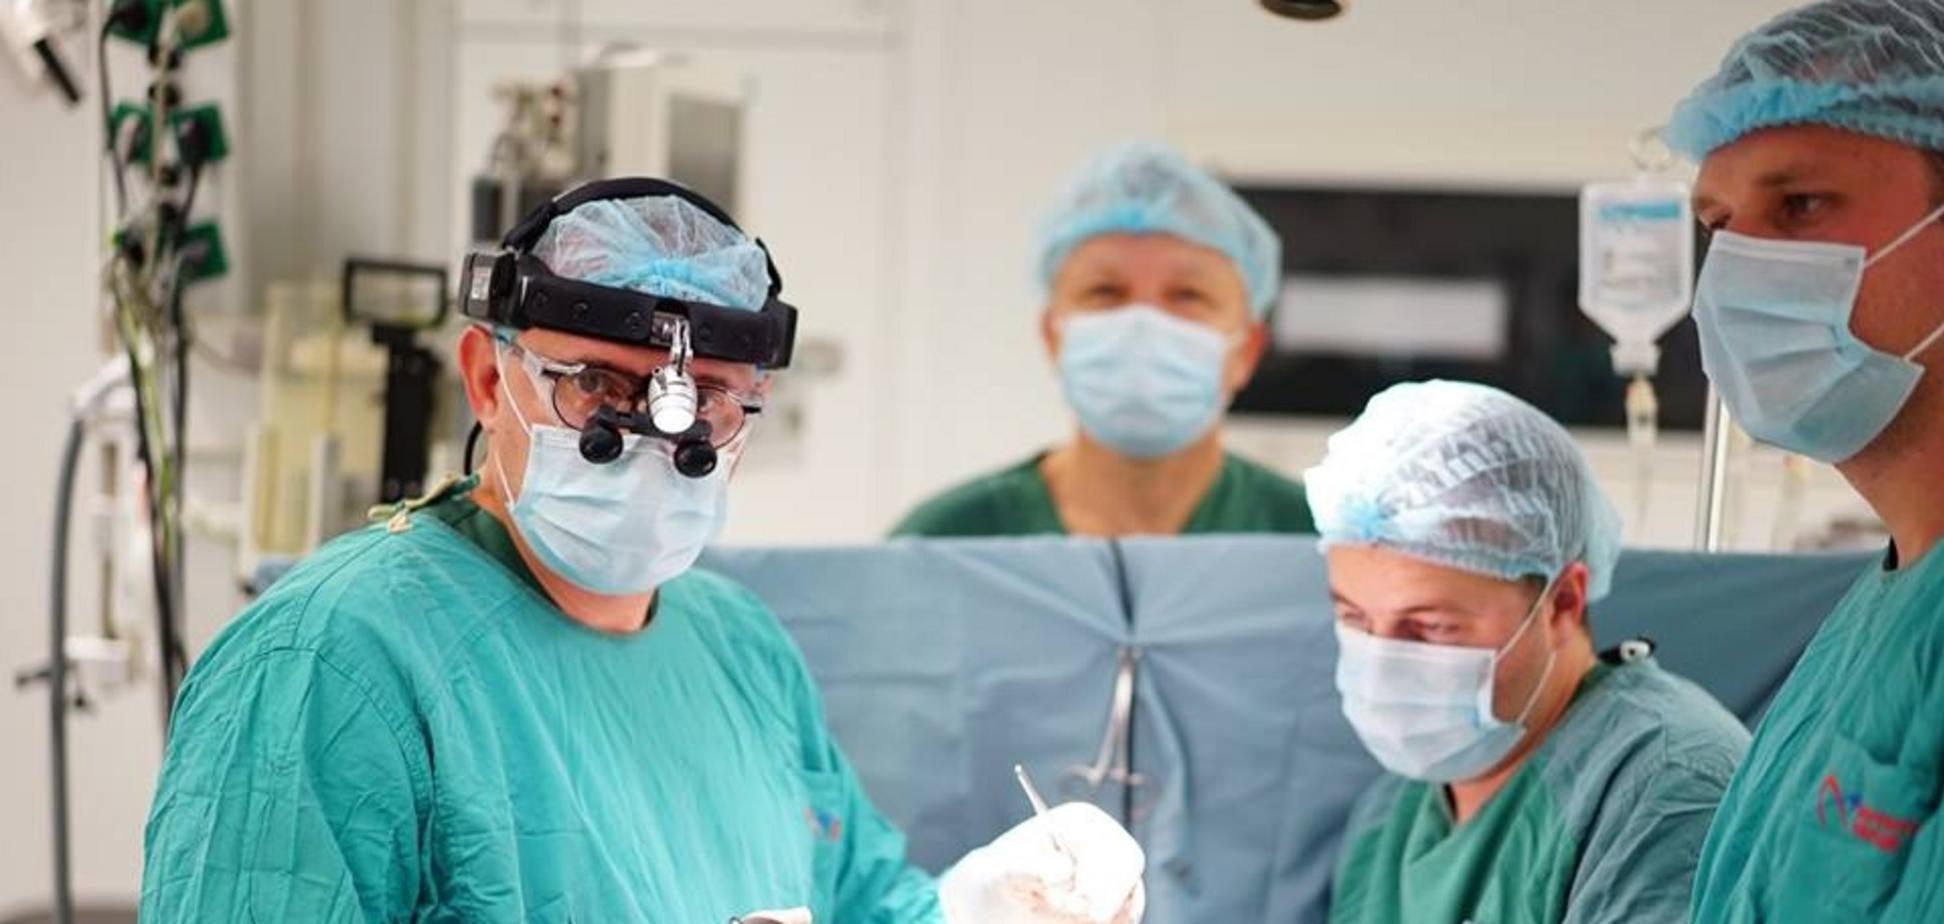 Бригада Інституту серця сьогодні врятувала життя 5 казахських дітей